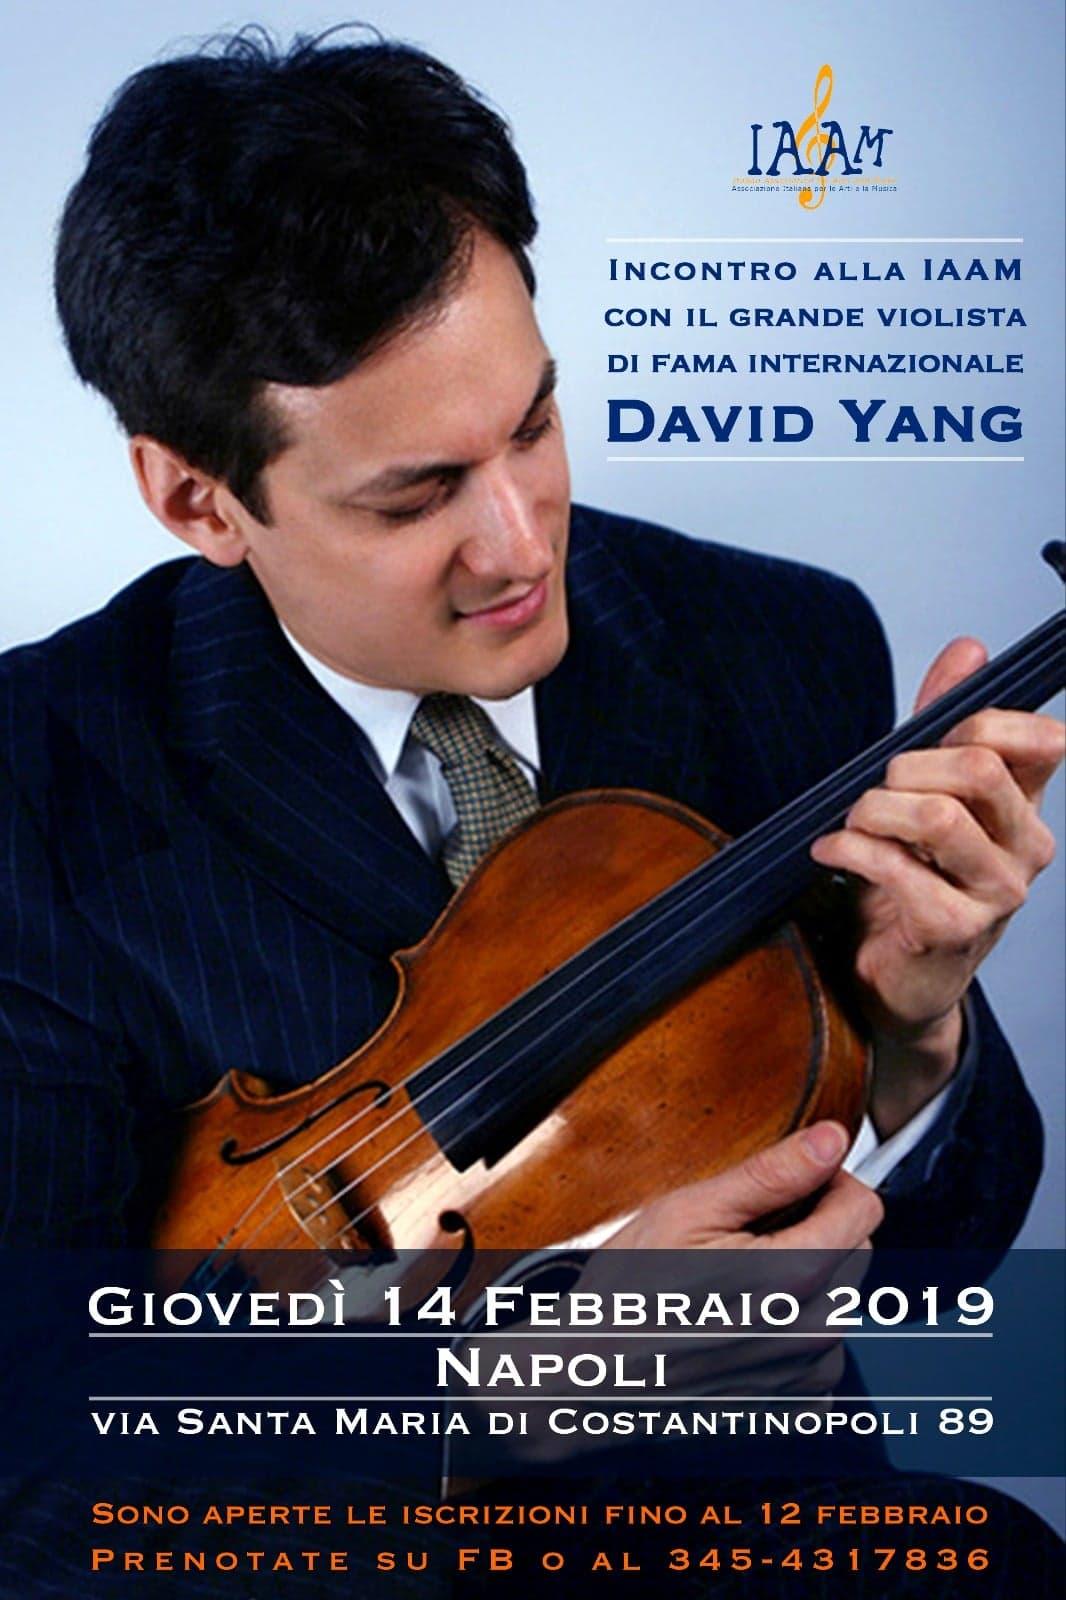 David Yang il 14 febbraio a Napoli per un incontro dedicato alla musica